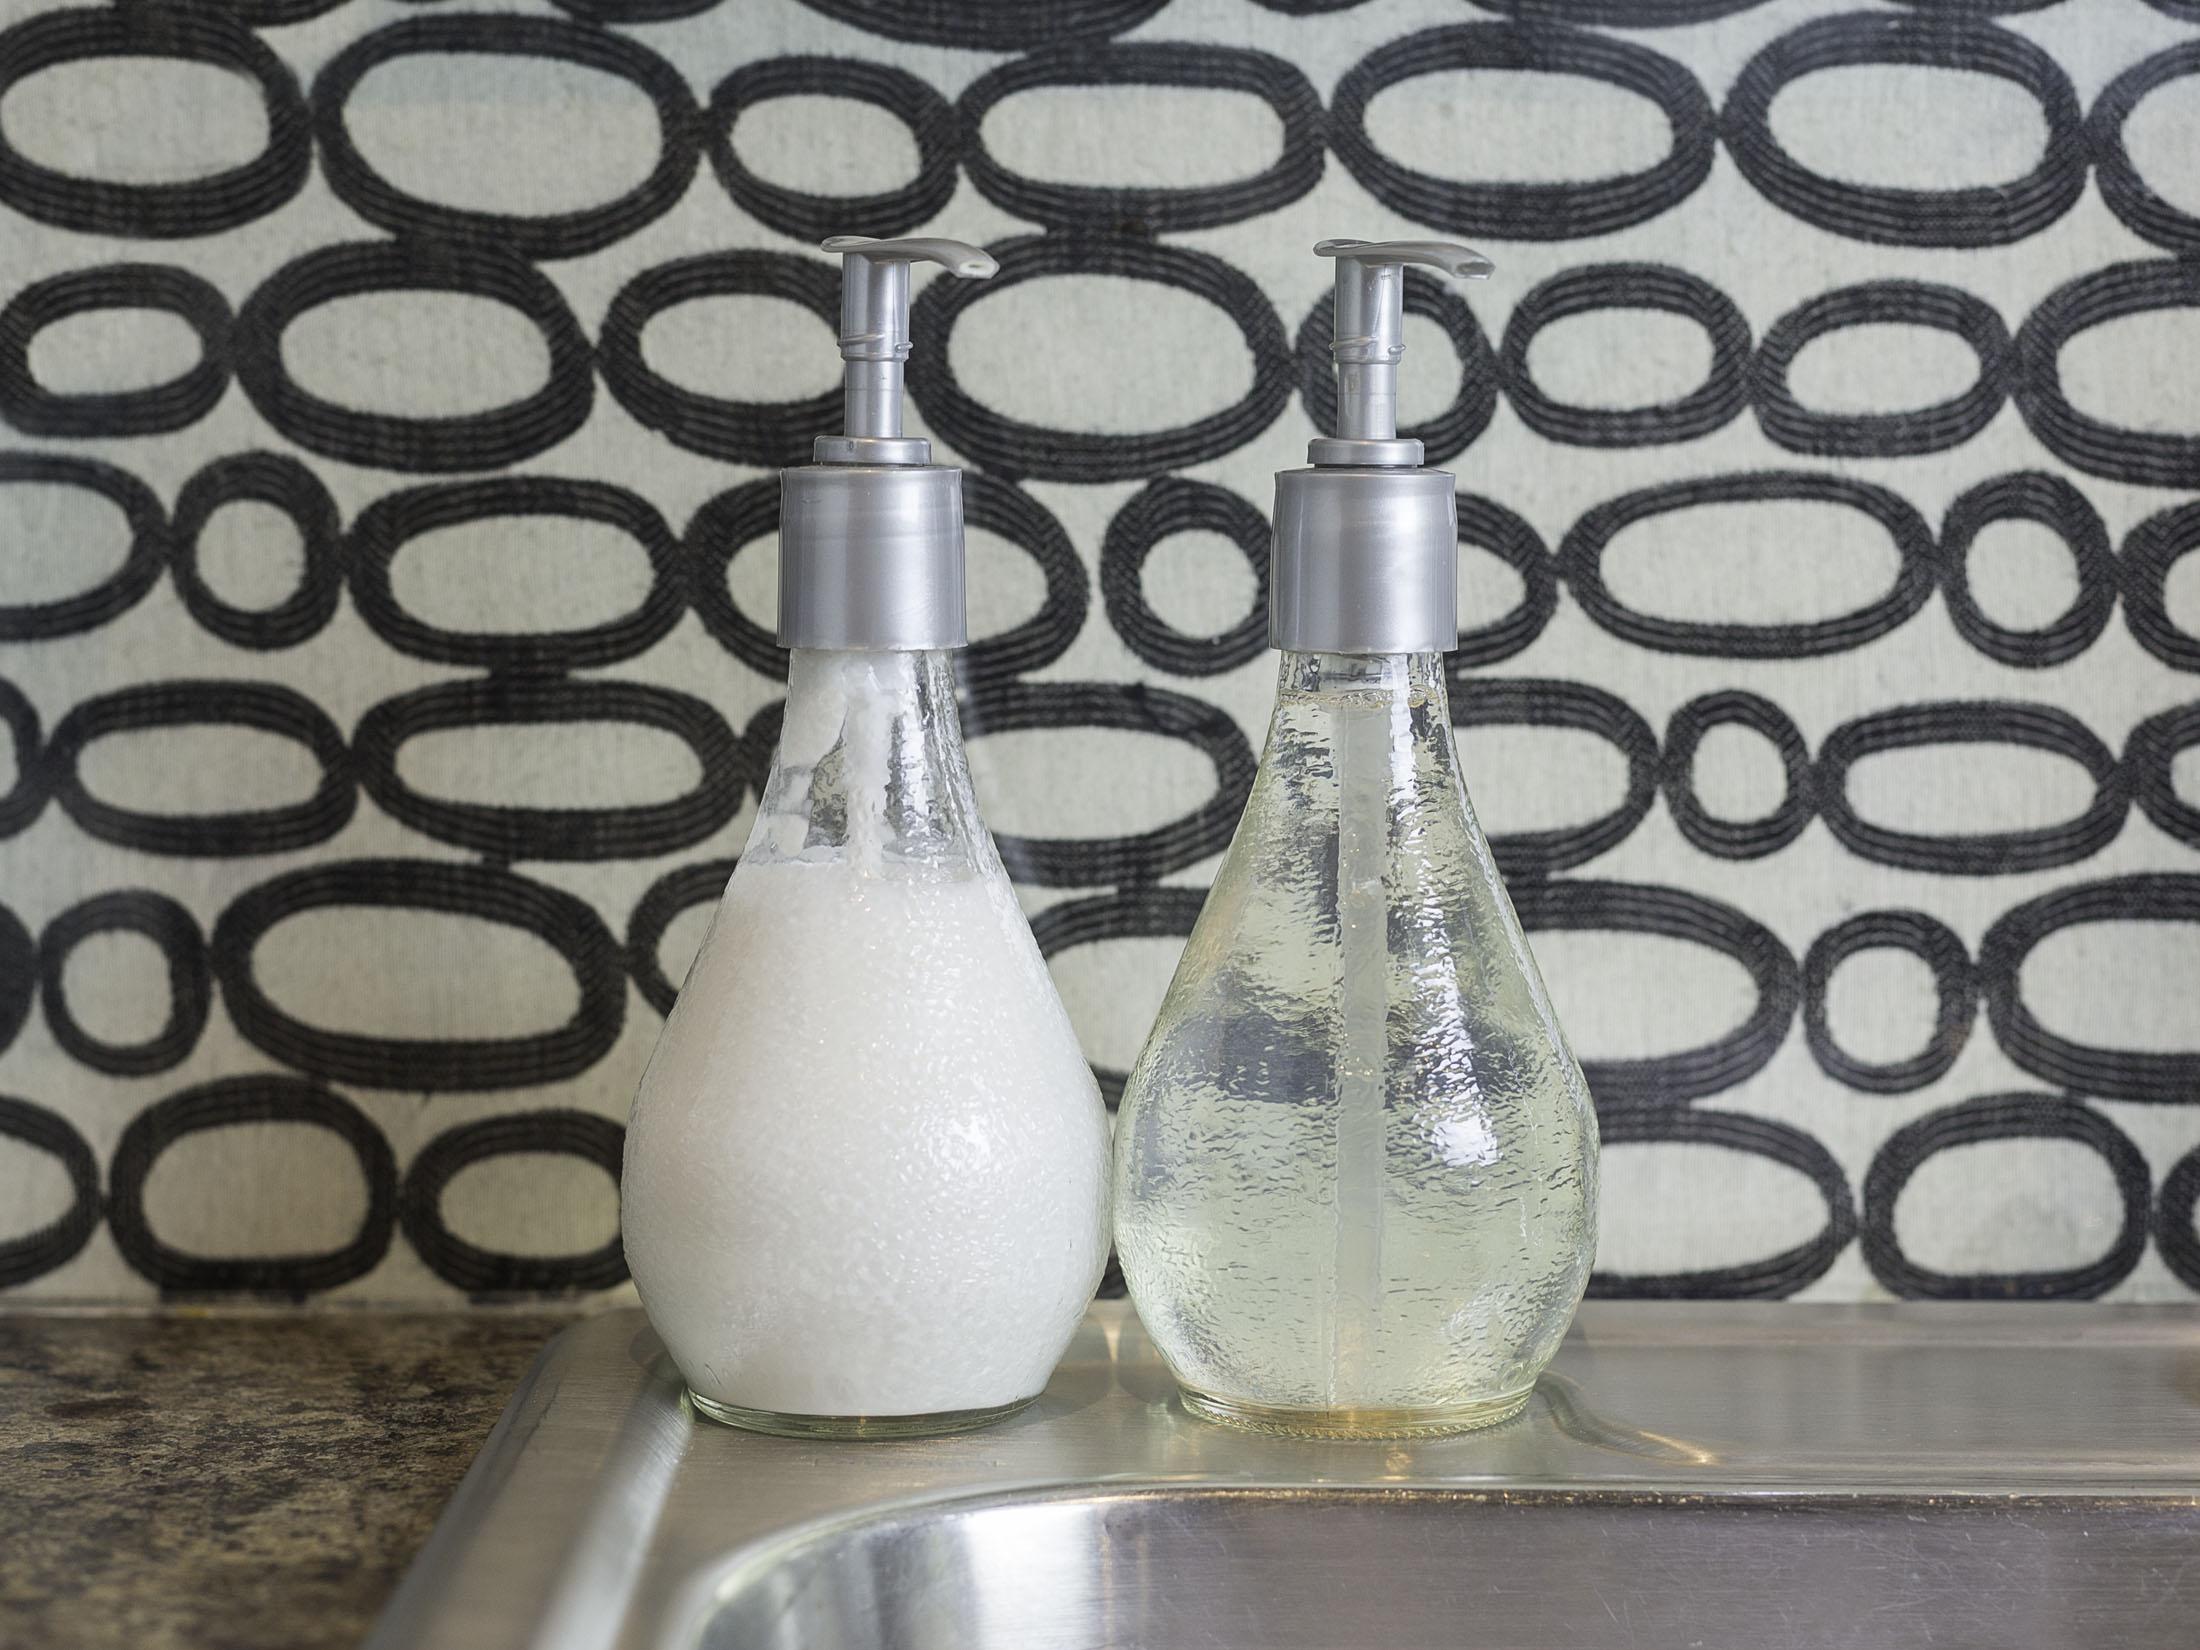 Orangina Bottle Soap Dispenser by Sam Henderson of Today's Nest for HGTV